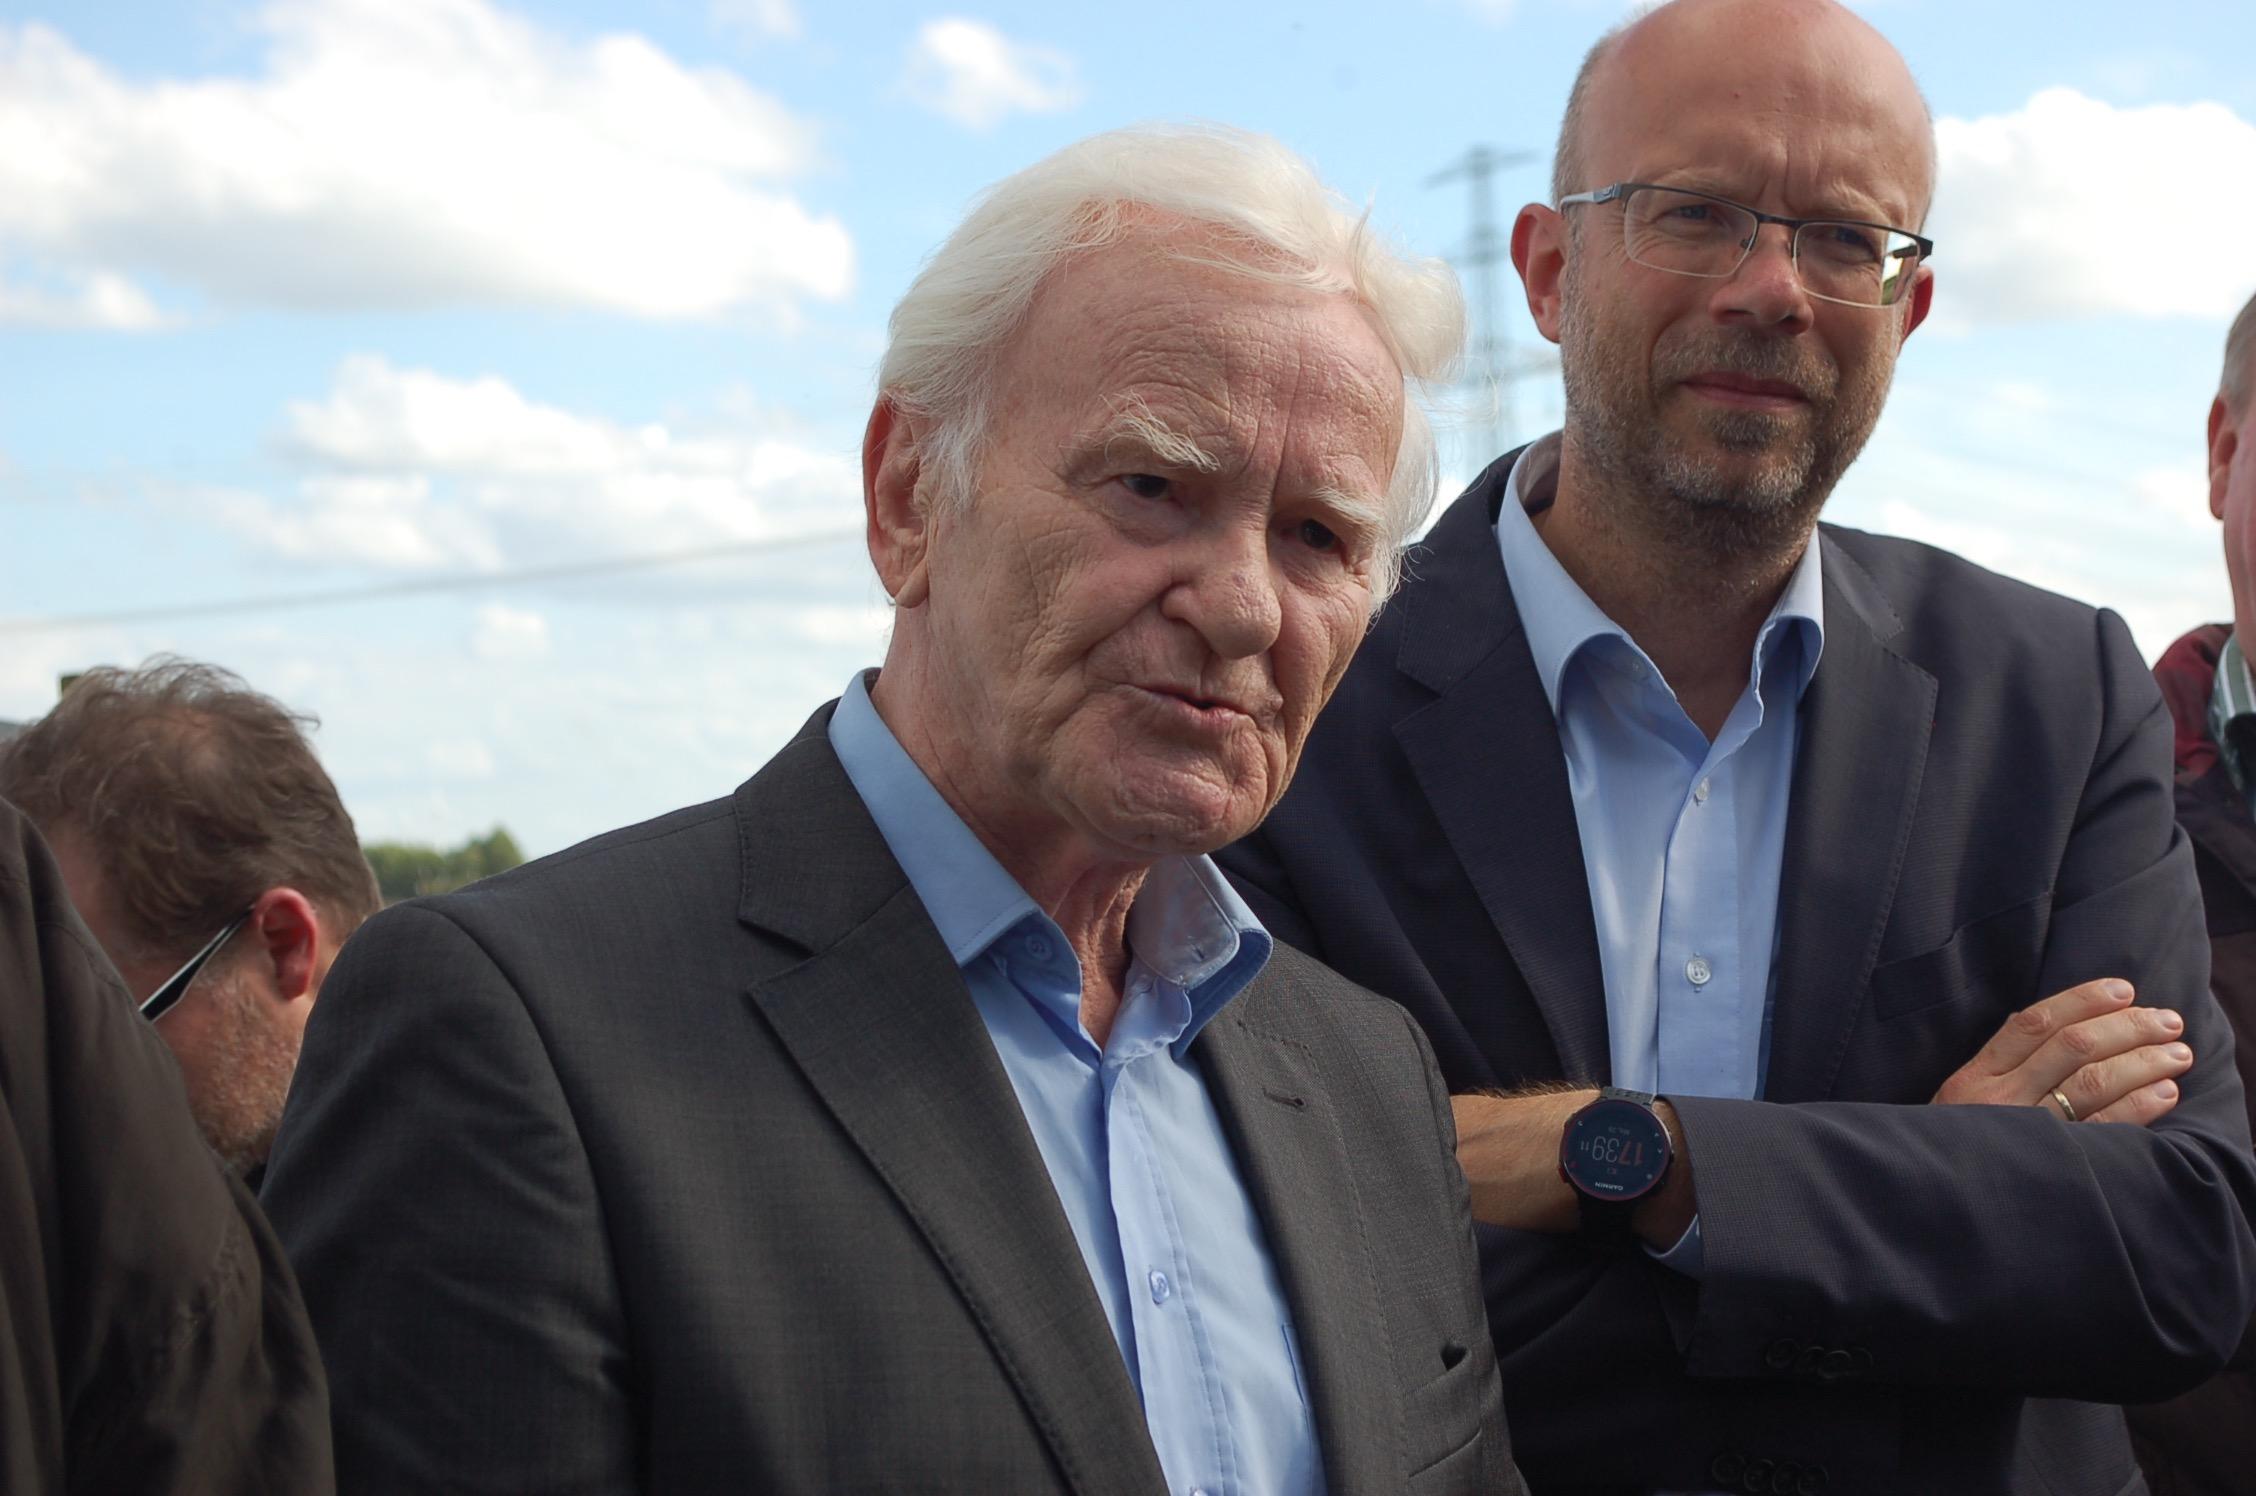 mk -Der Sprecher der Bürgervertretung Neuenfelde Francop Cranz Manfred Hoffmann zeigte sich über das Fernbleiben eines Behördenvertreters überrascht.